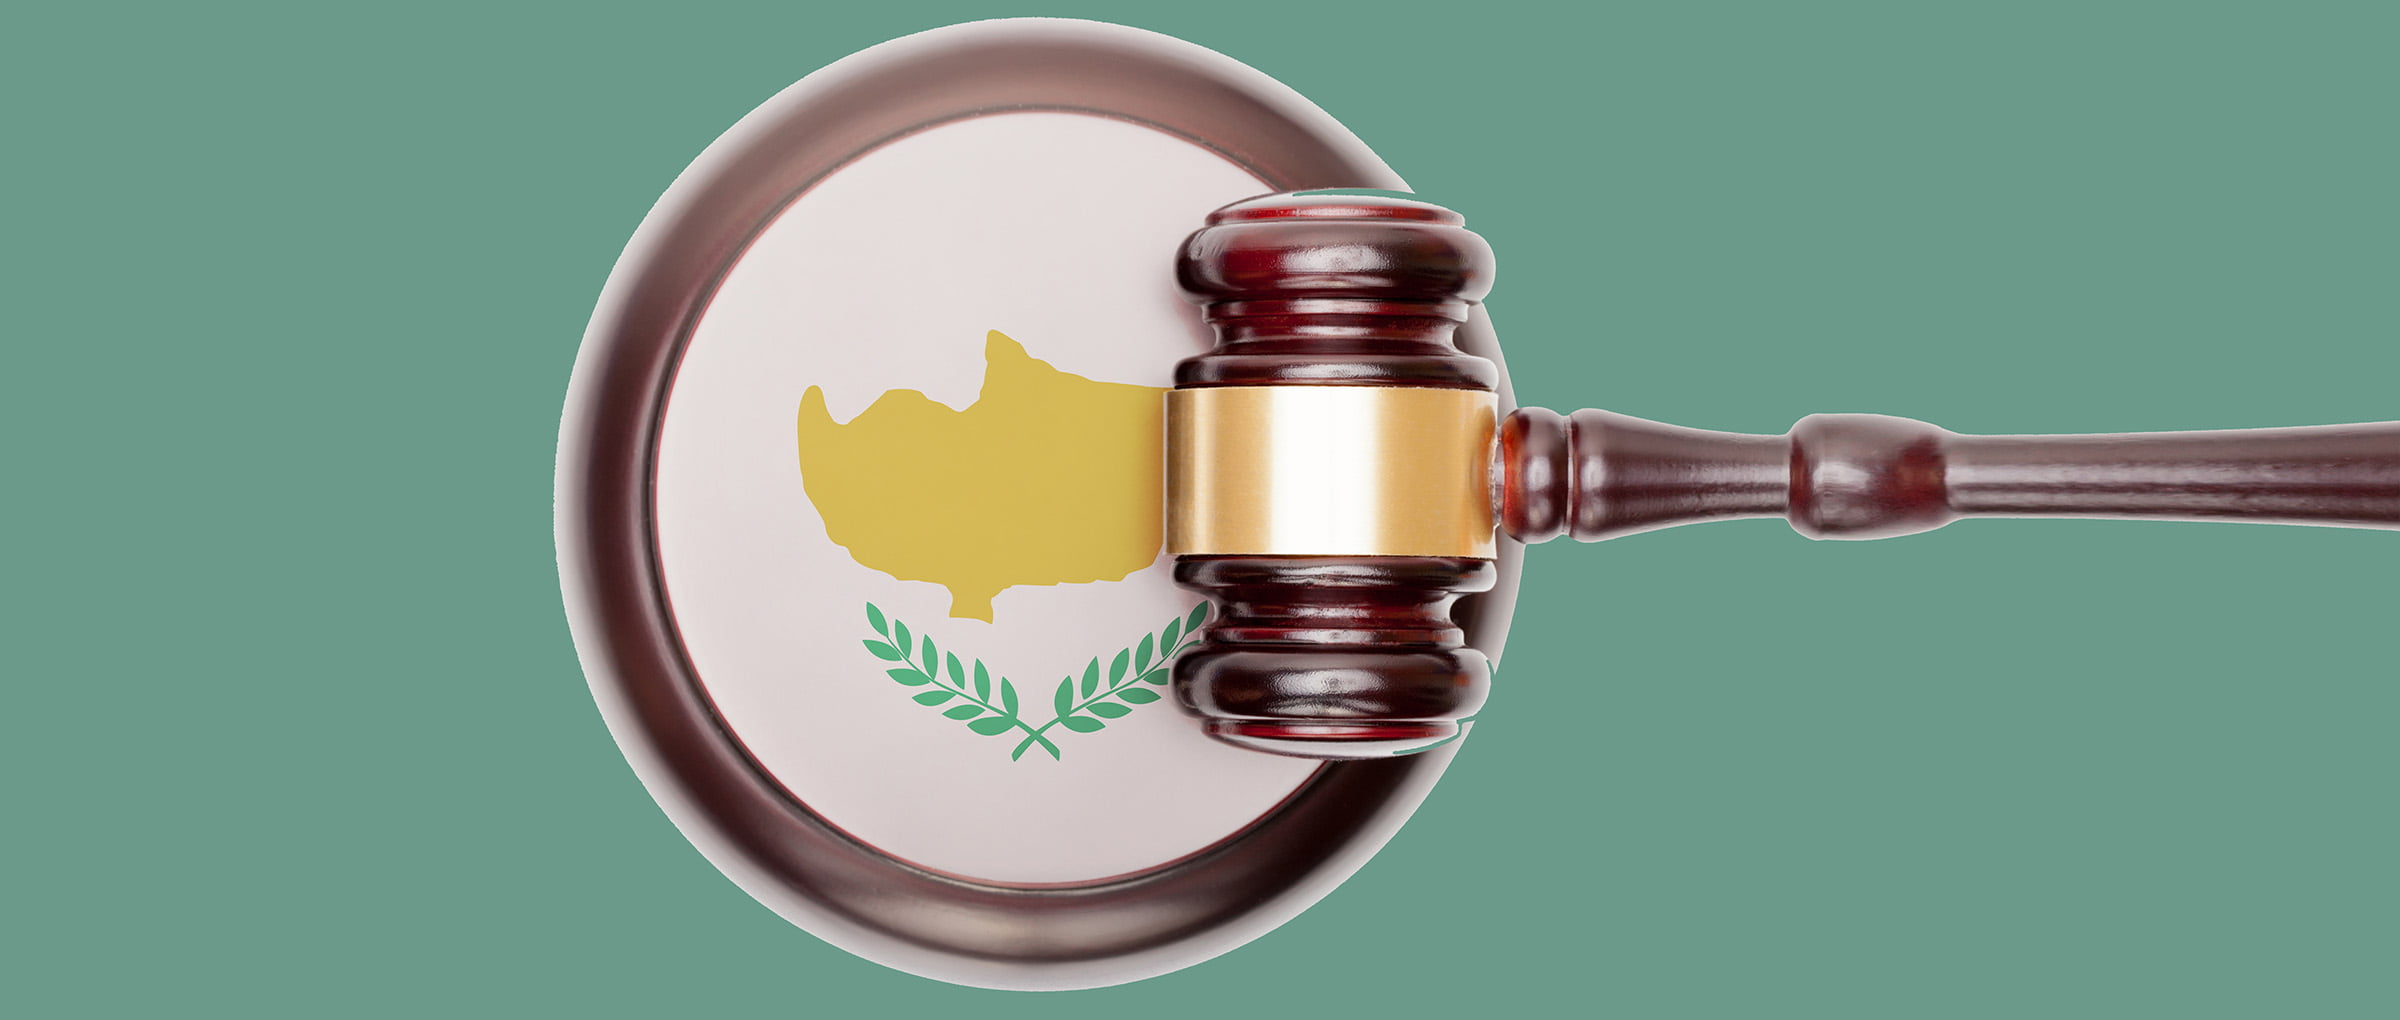 Législation à Chypre